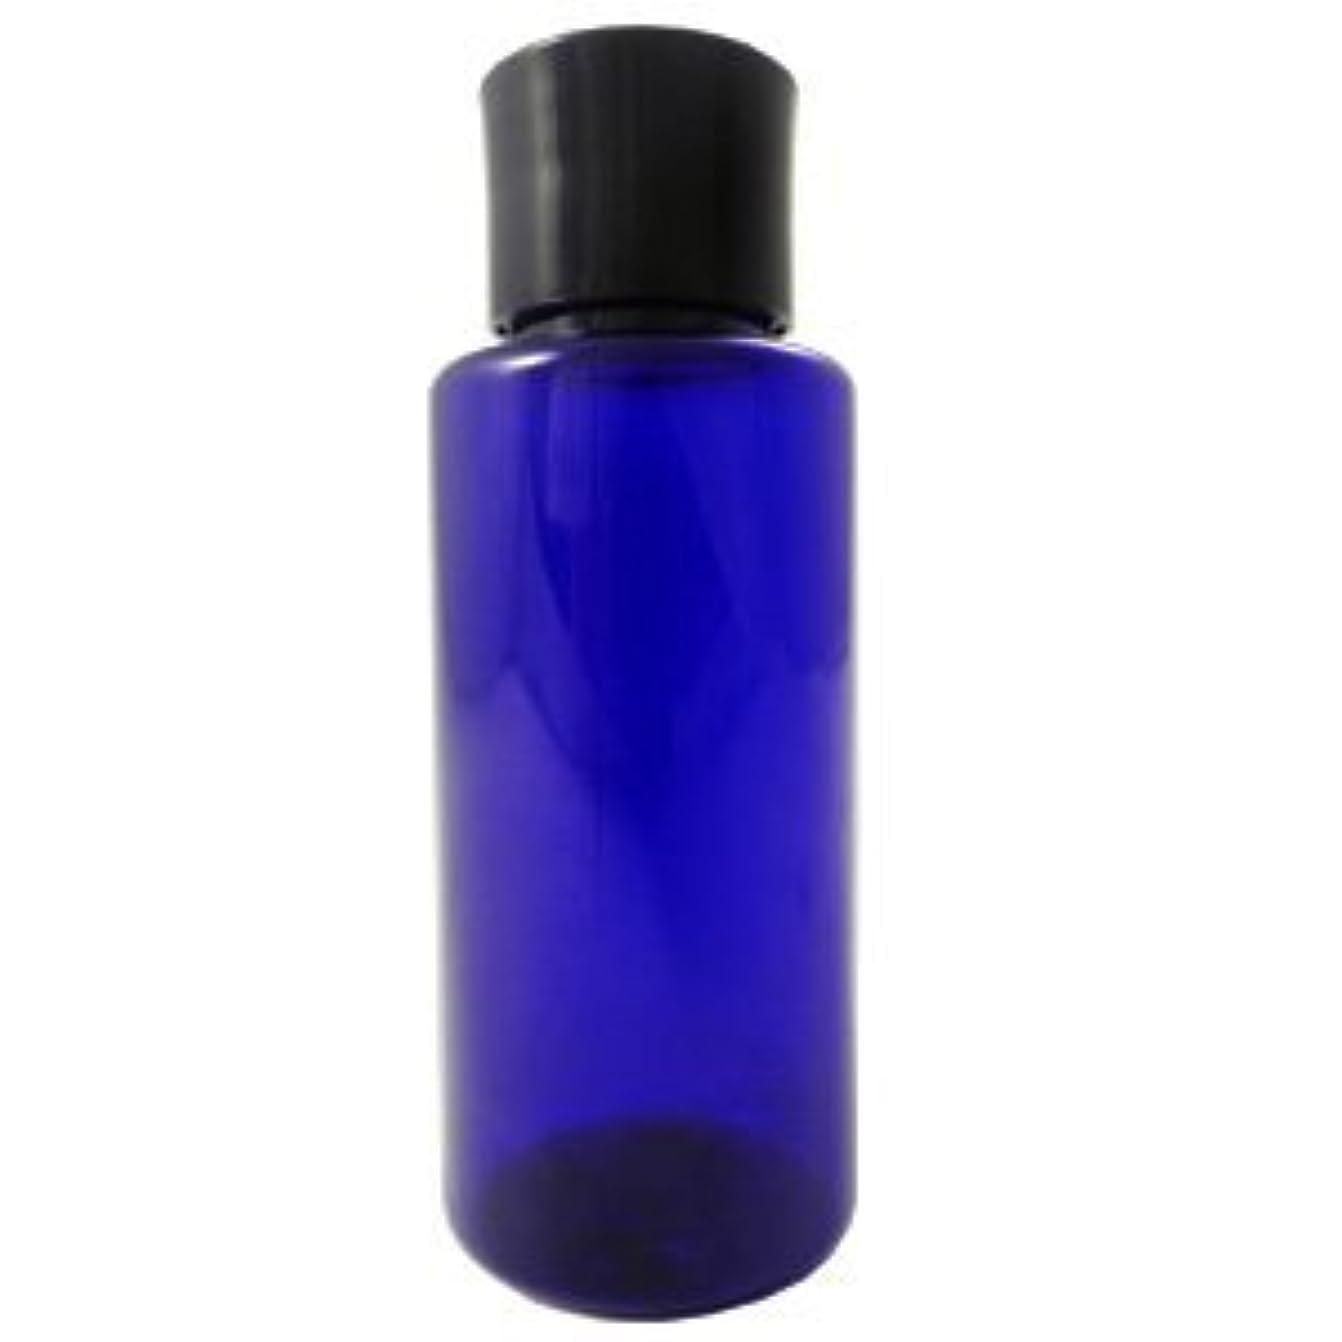 前書き軍団千PETボトル コバルトブルー (青) 50ml *化粧水用中栓